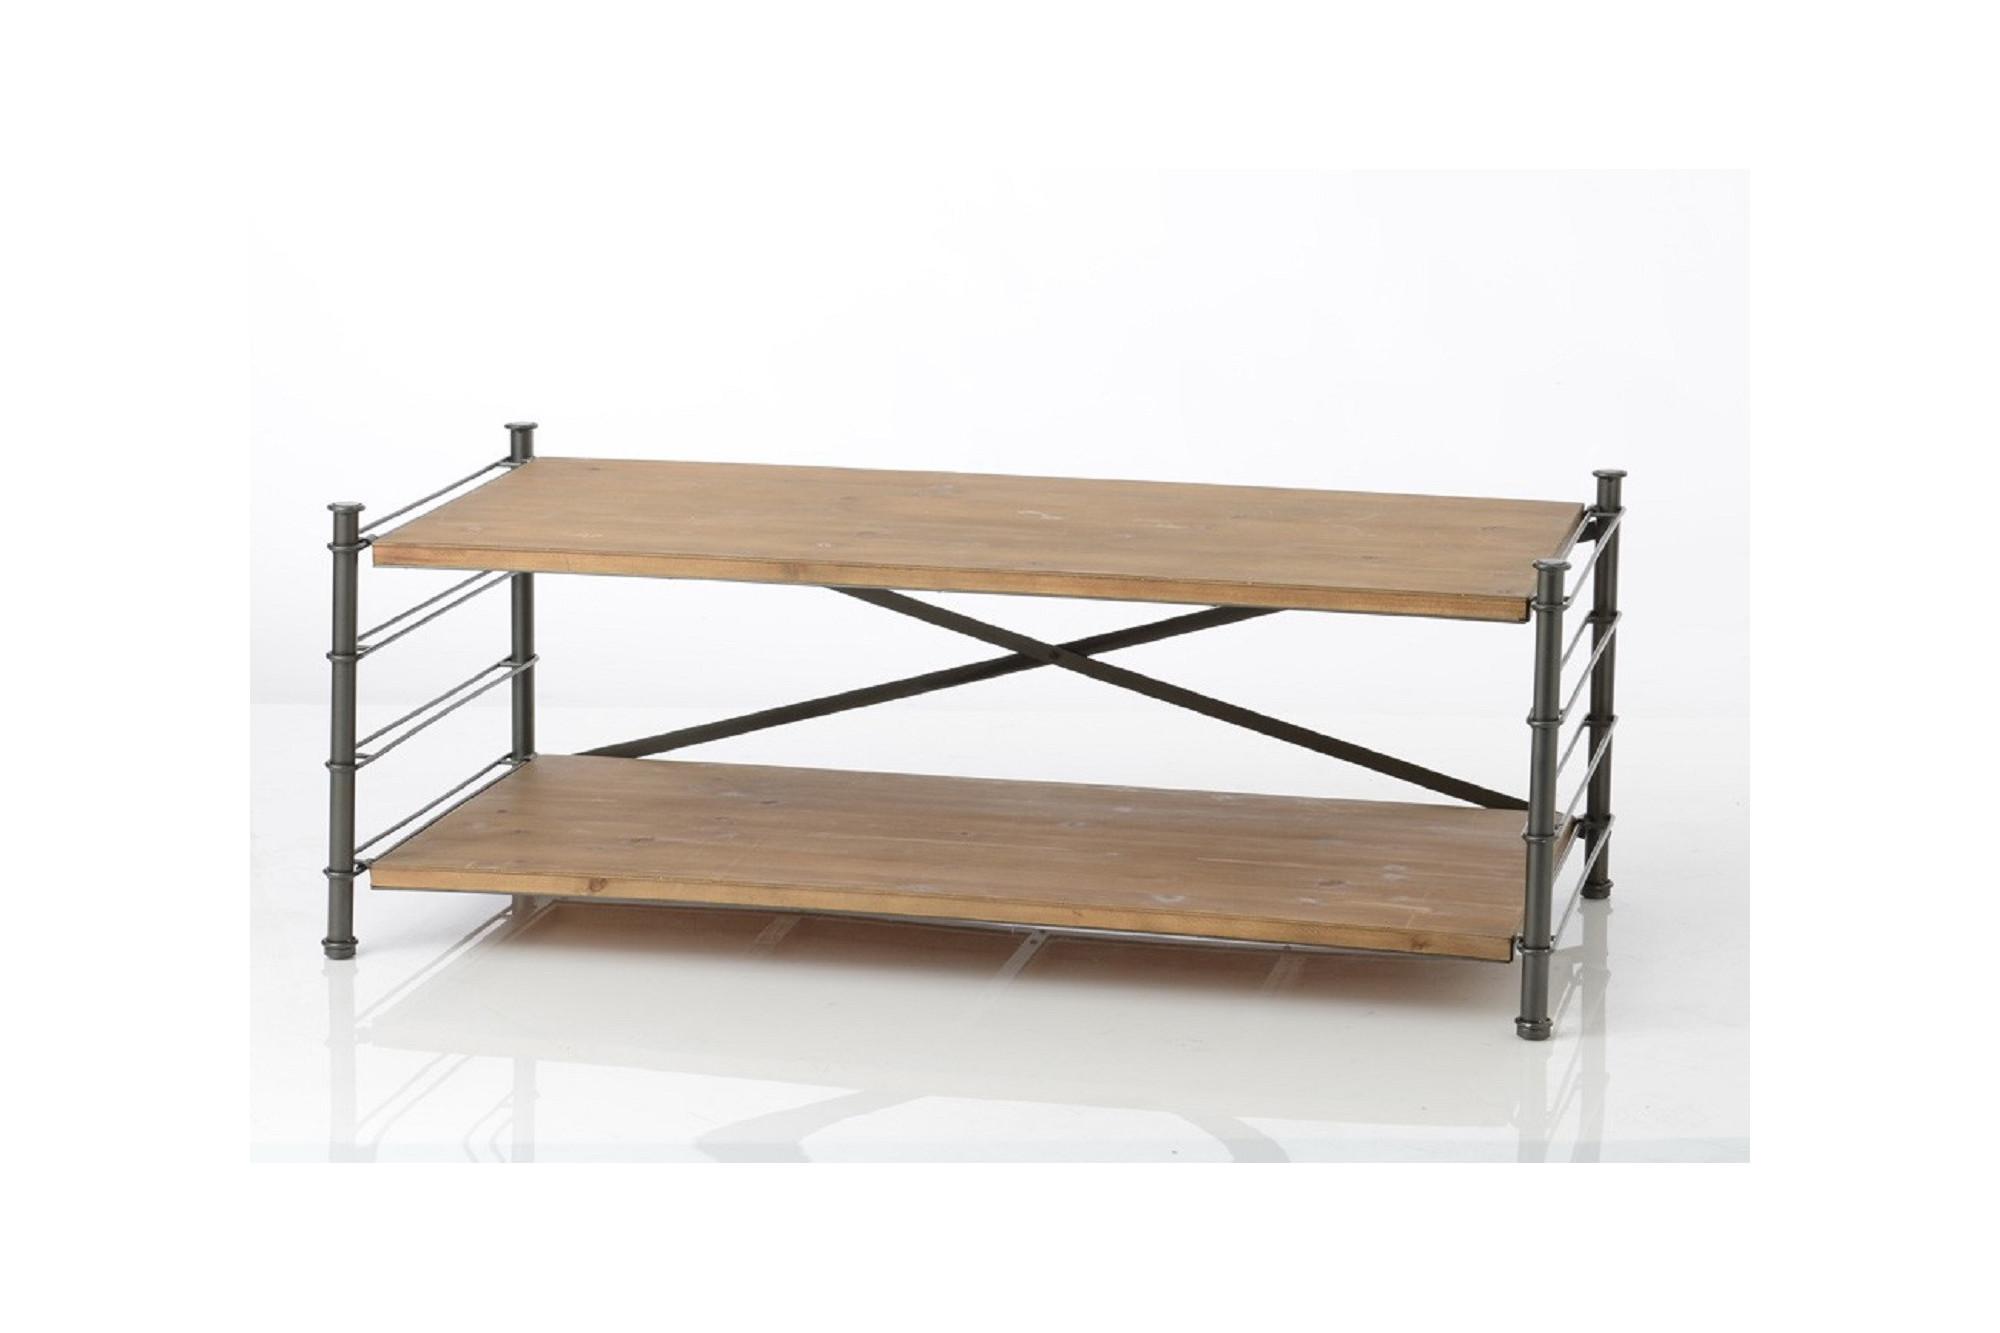 table basse modulable en m tal et bois hellin. Black Bedroom Furniture Sets. Home Design Ideas